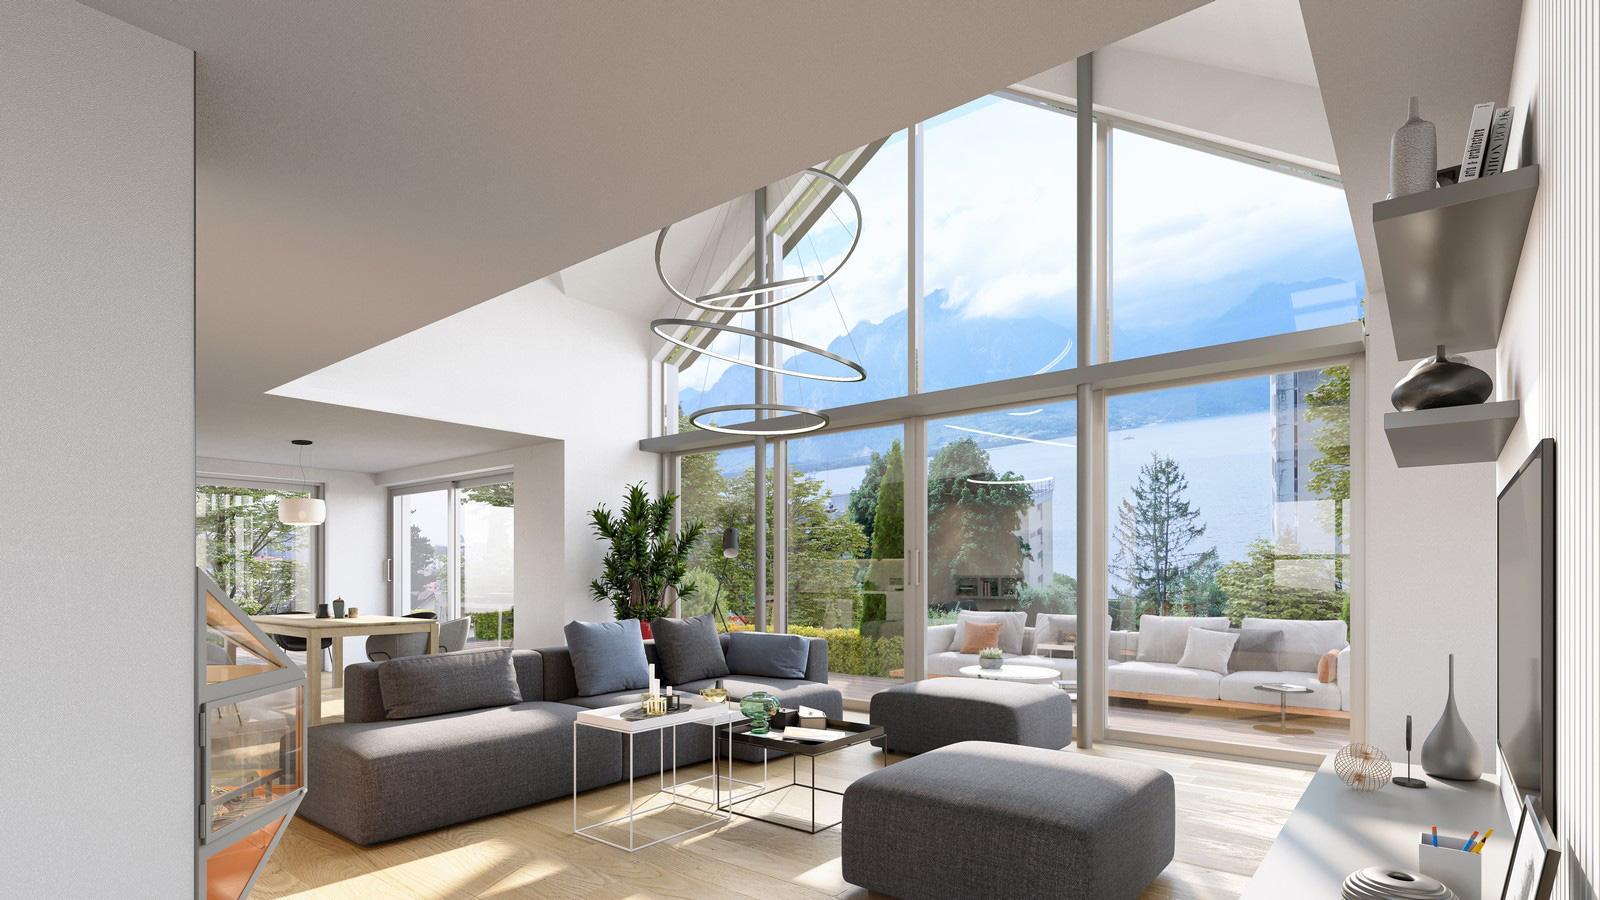 Villa Vey Apartments, Switzerland